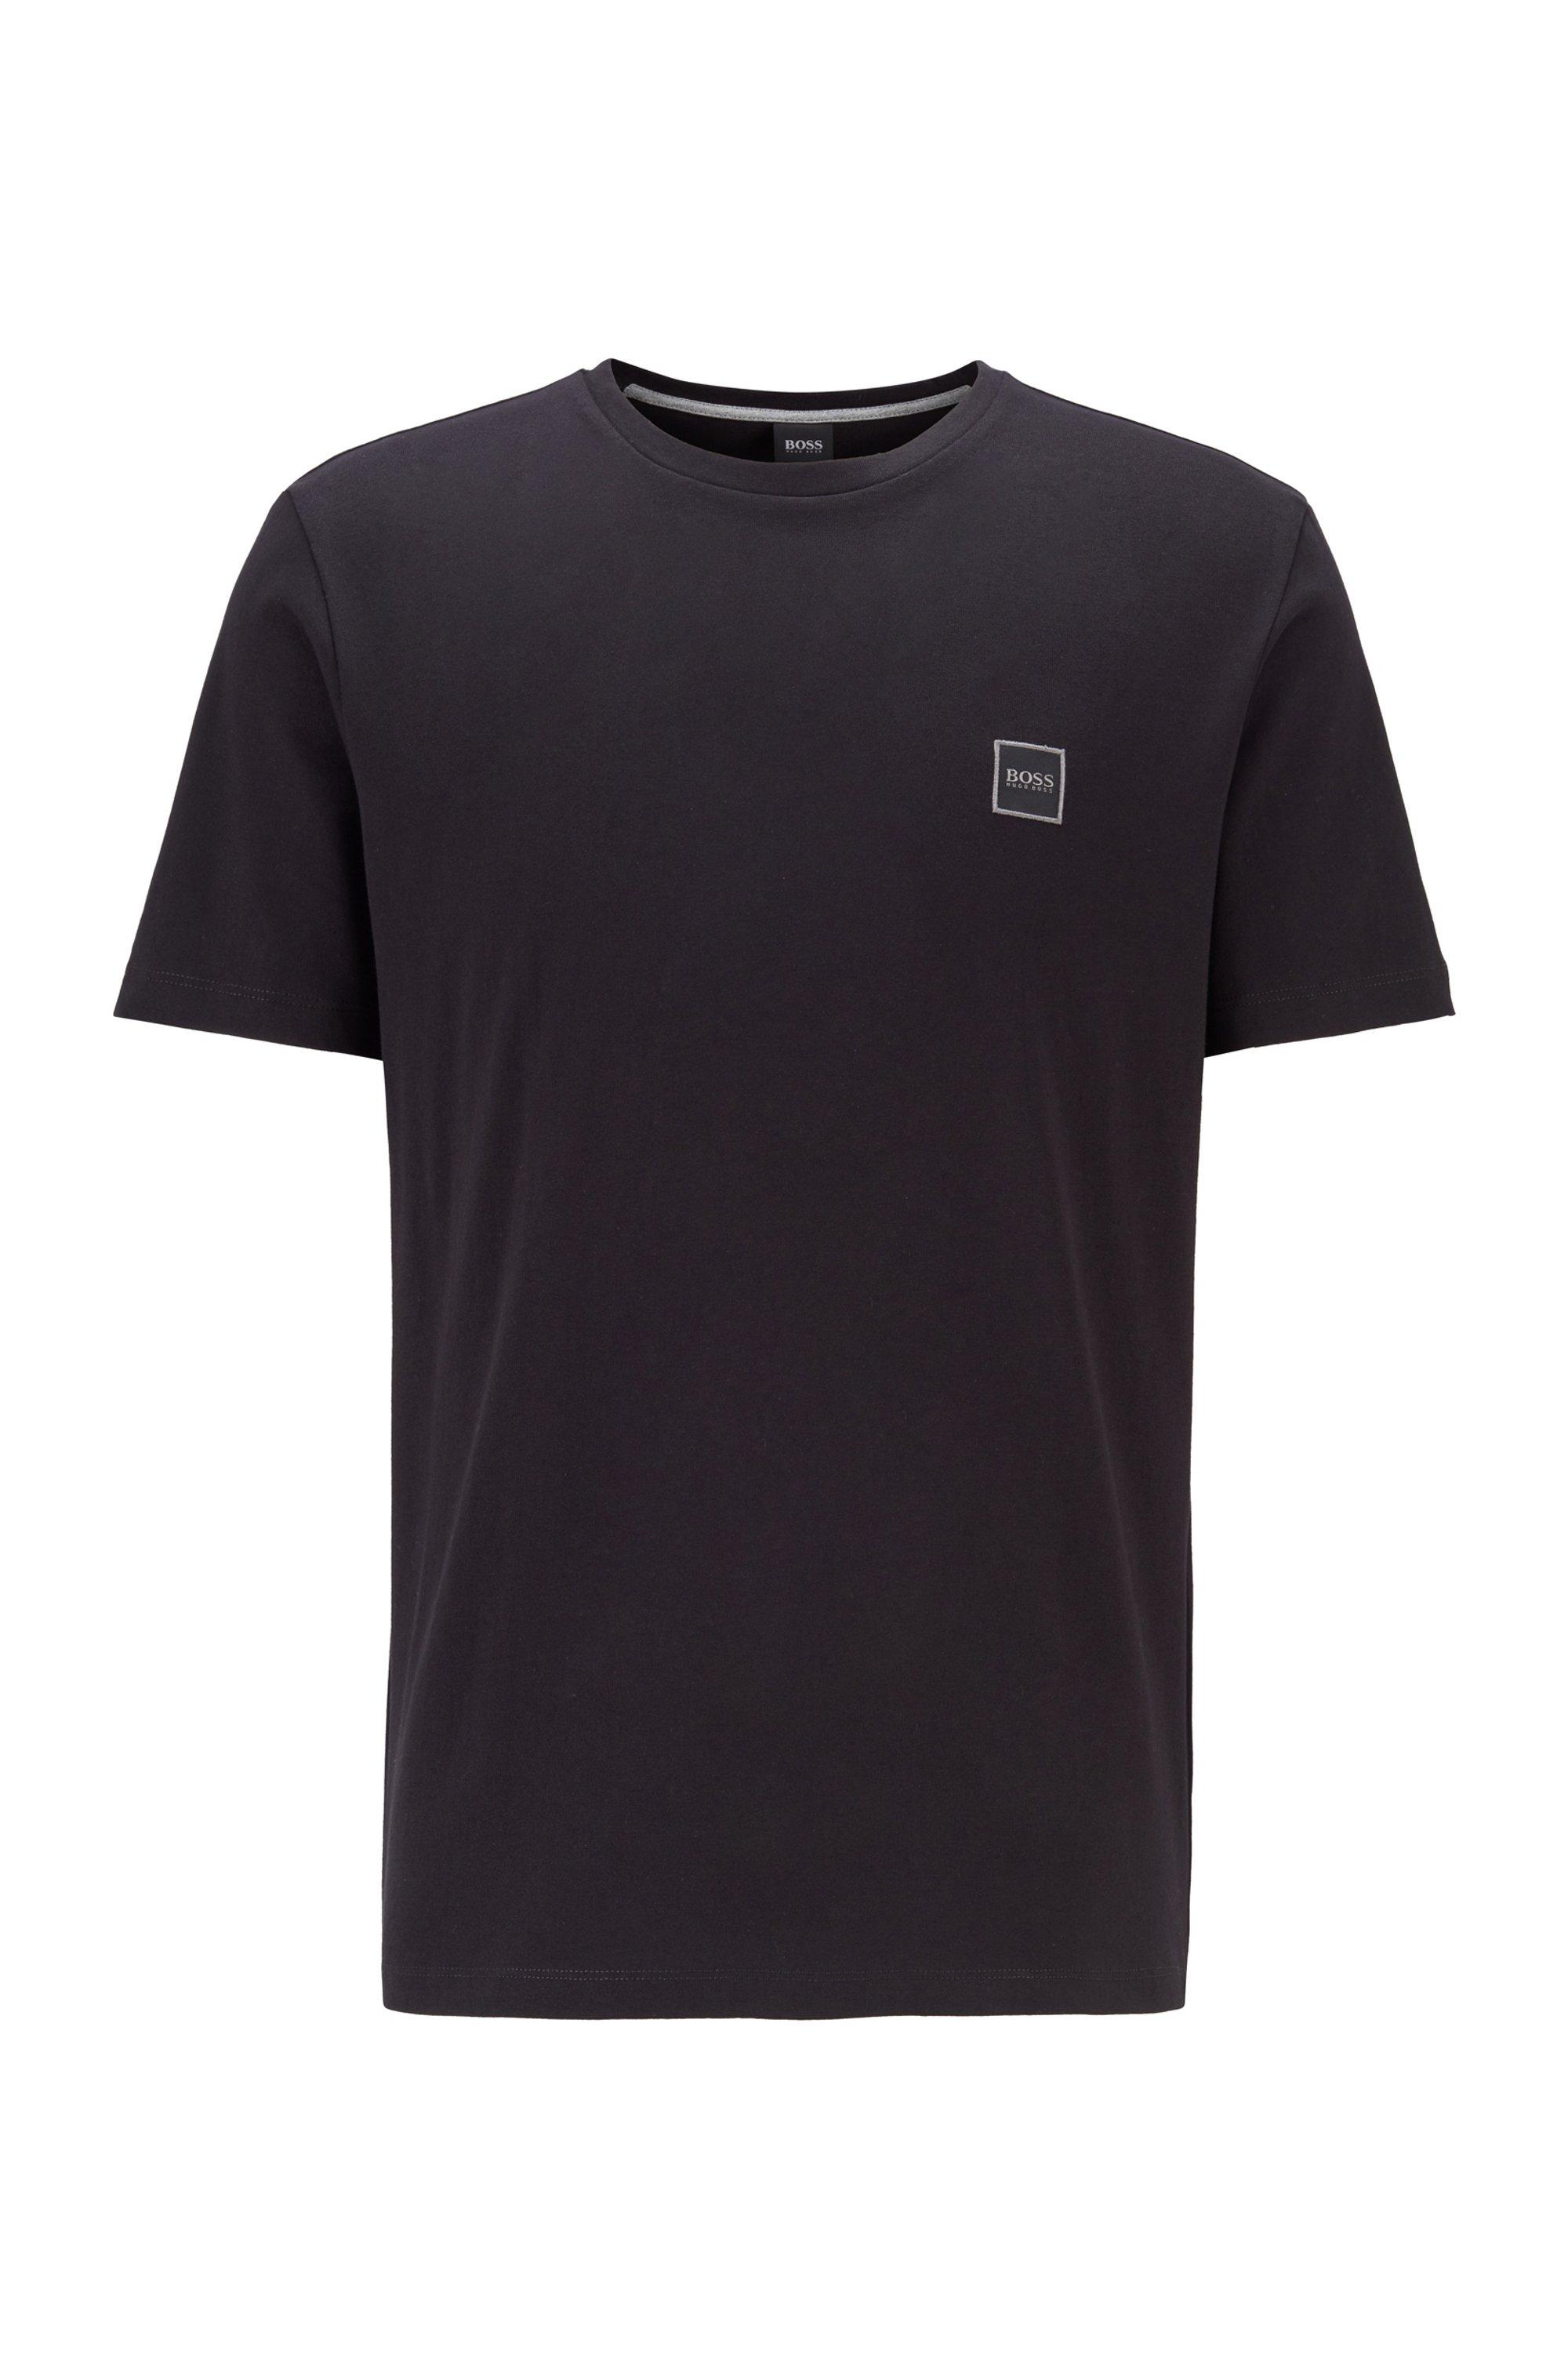 シングルジャージーコットン素材のクルーネックのTシャツ, ブラック